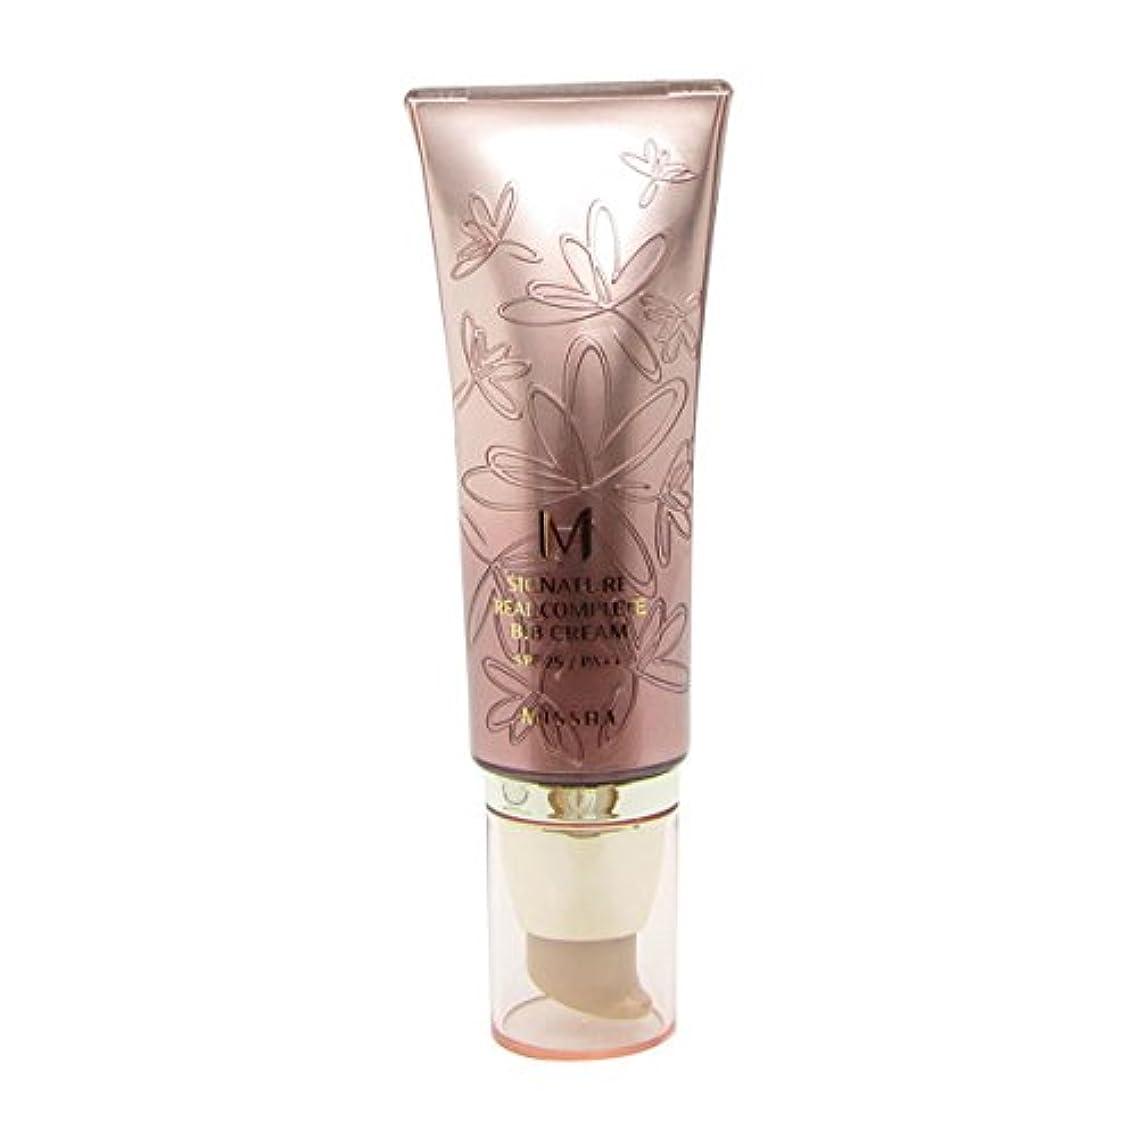 キノコ警察署エンドウMissha Signature Real Complete Bb Cream Fps25/pa++ No.13 Light Milky Beige 45g [並行輸入品]